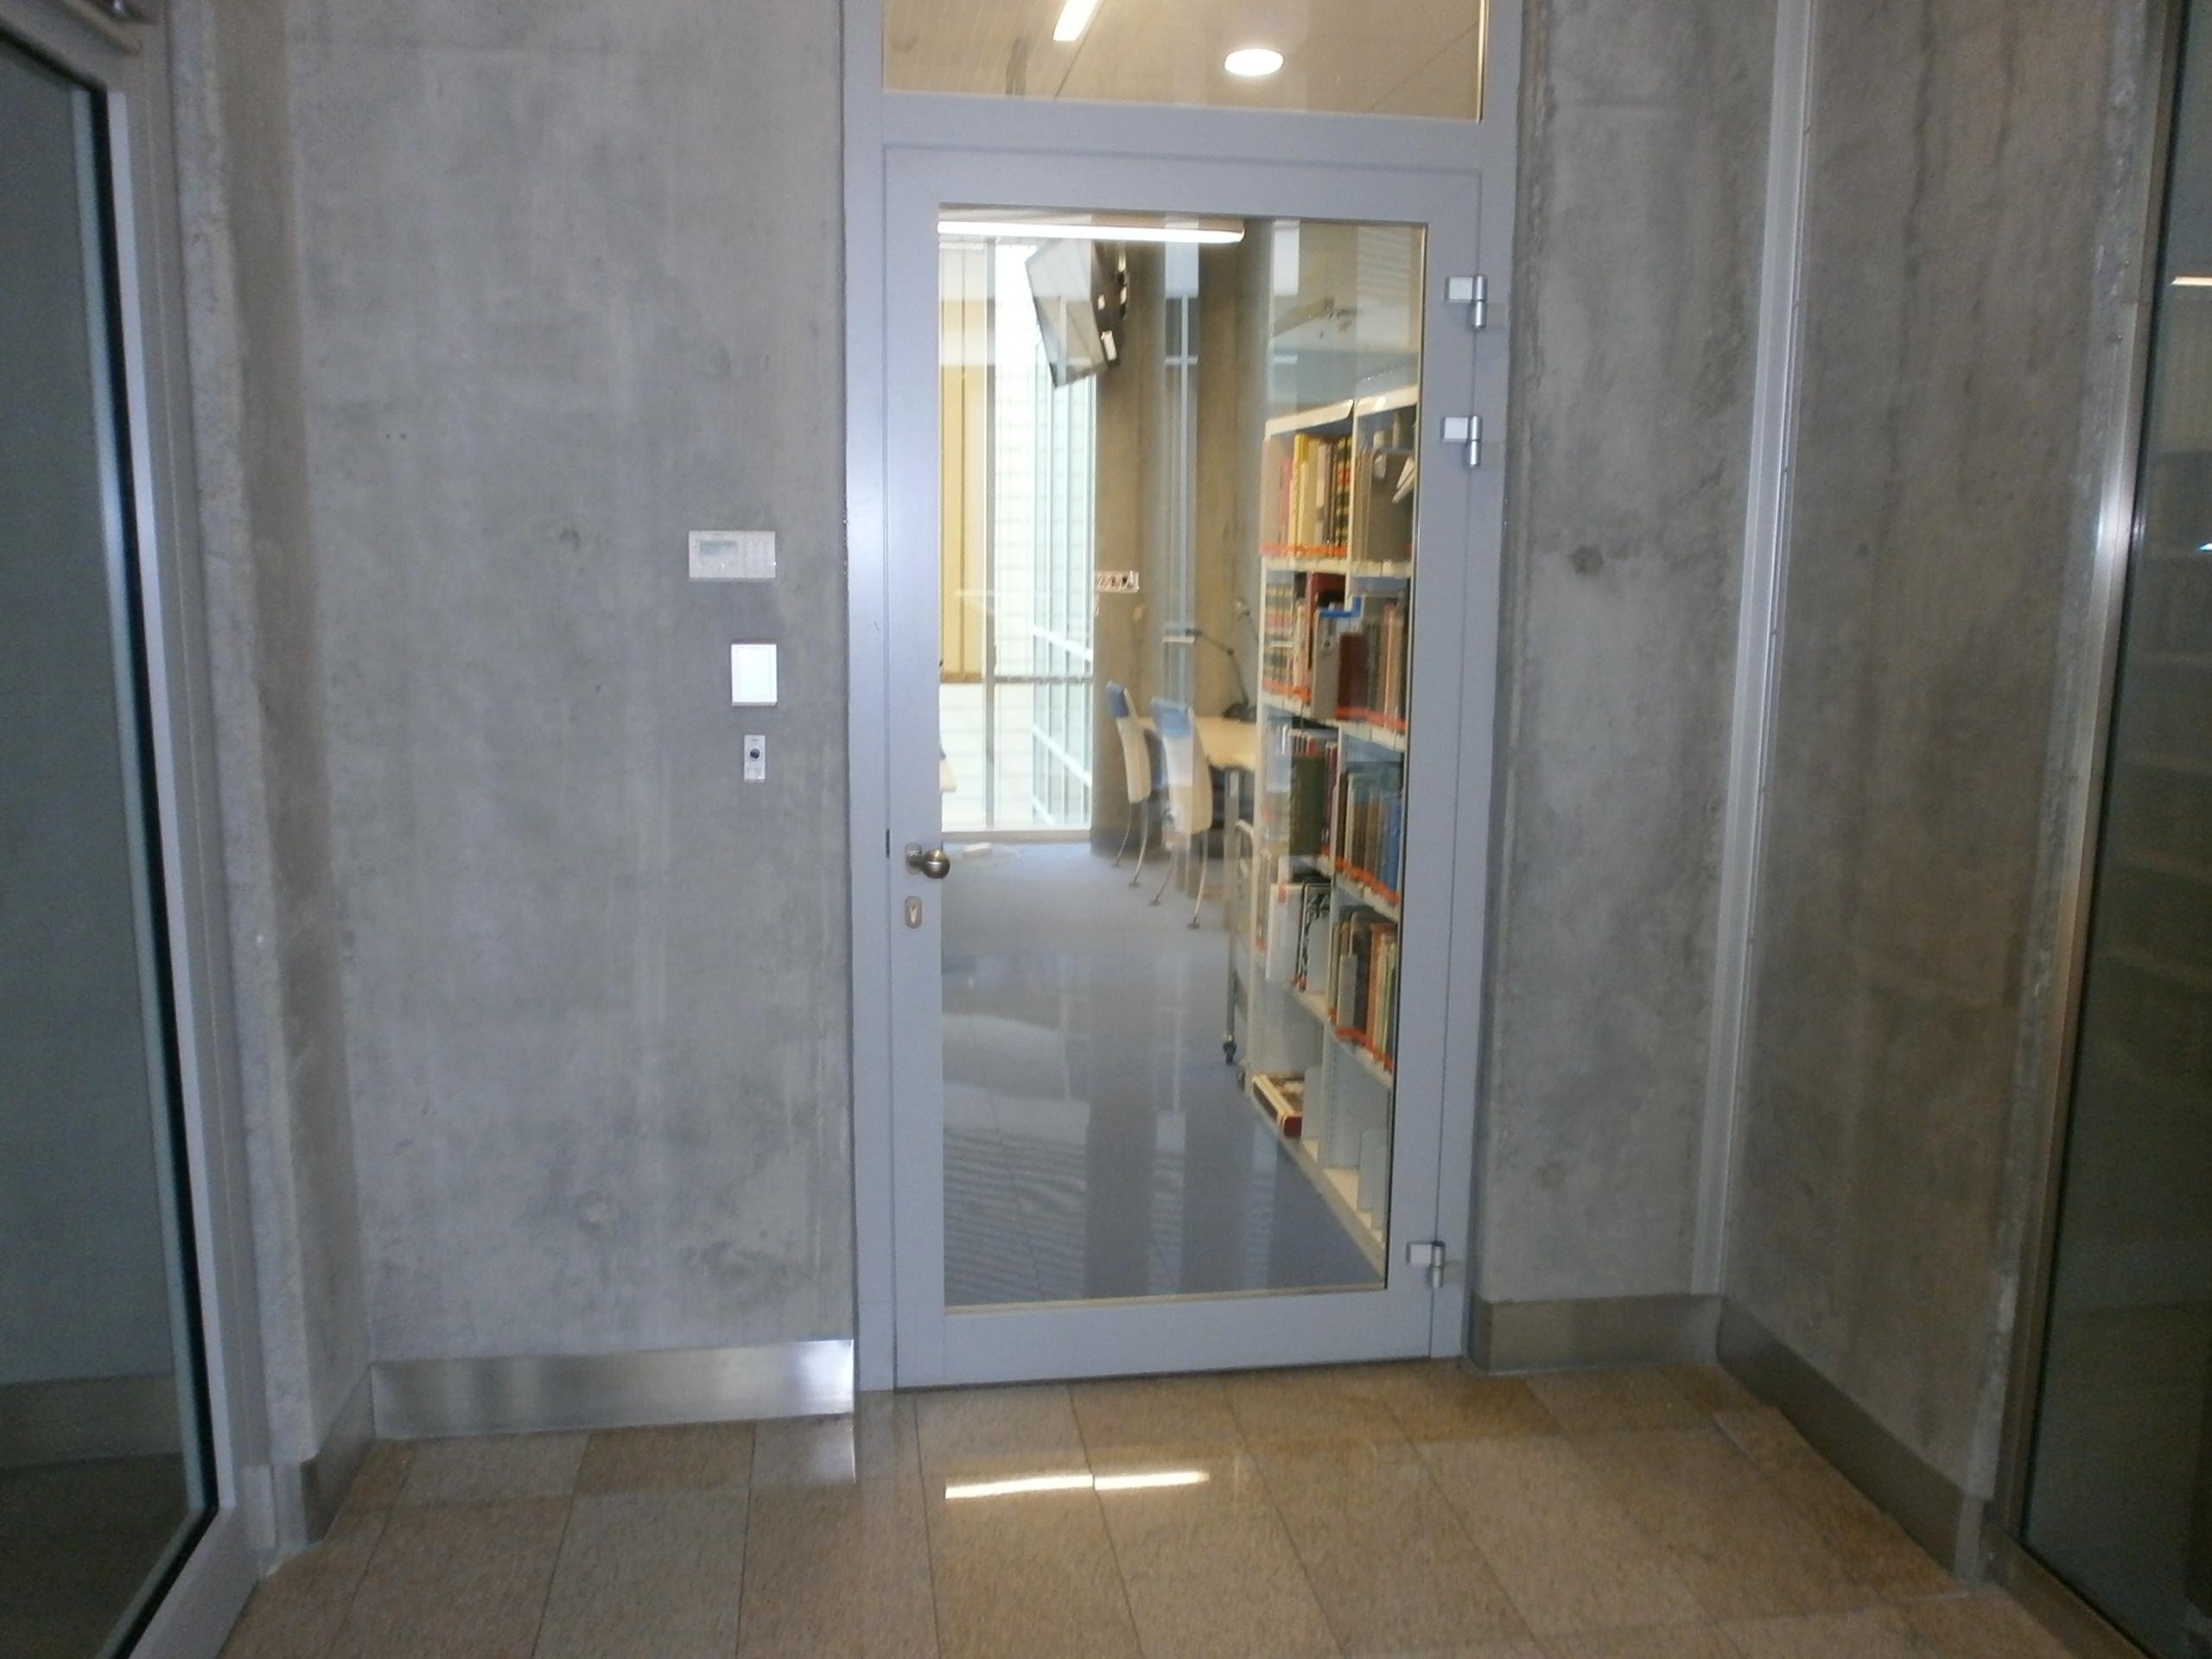 Nieoznaczone wejście do czytelni, specjalnie dla niepełnosprawnych - bo najbliżej windy